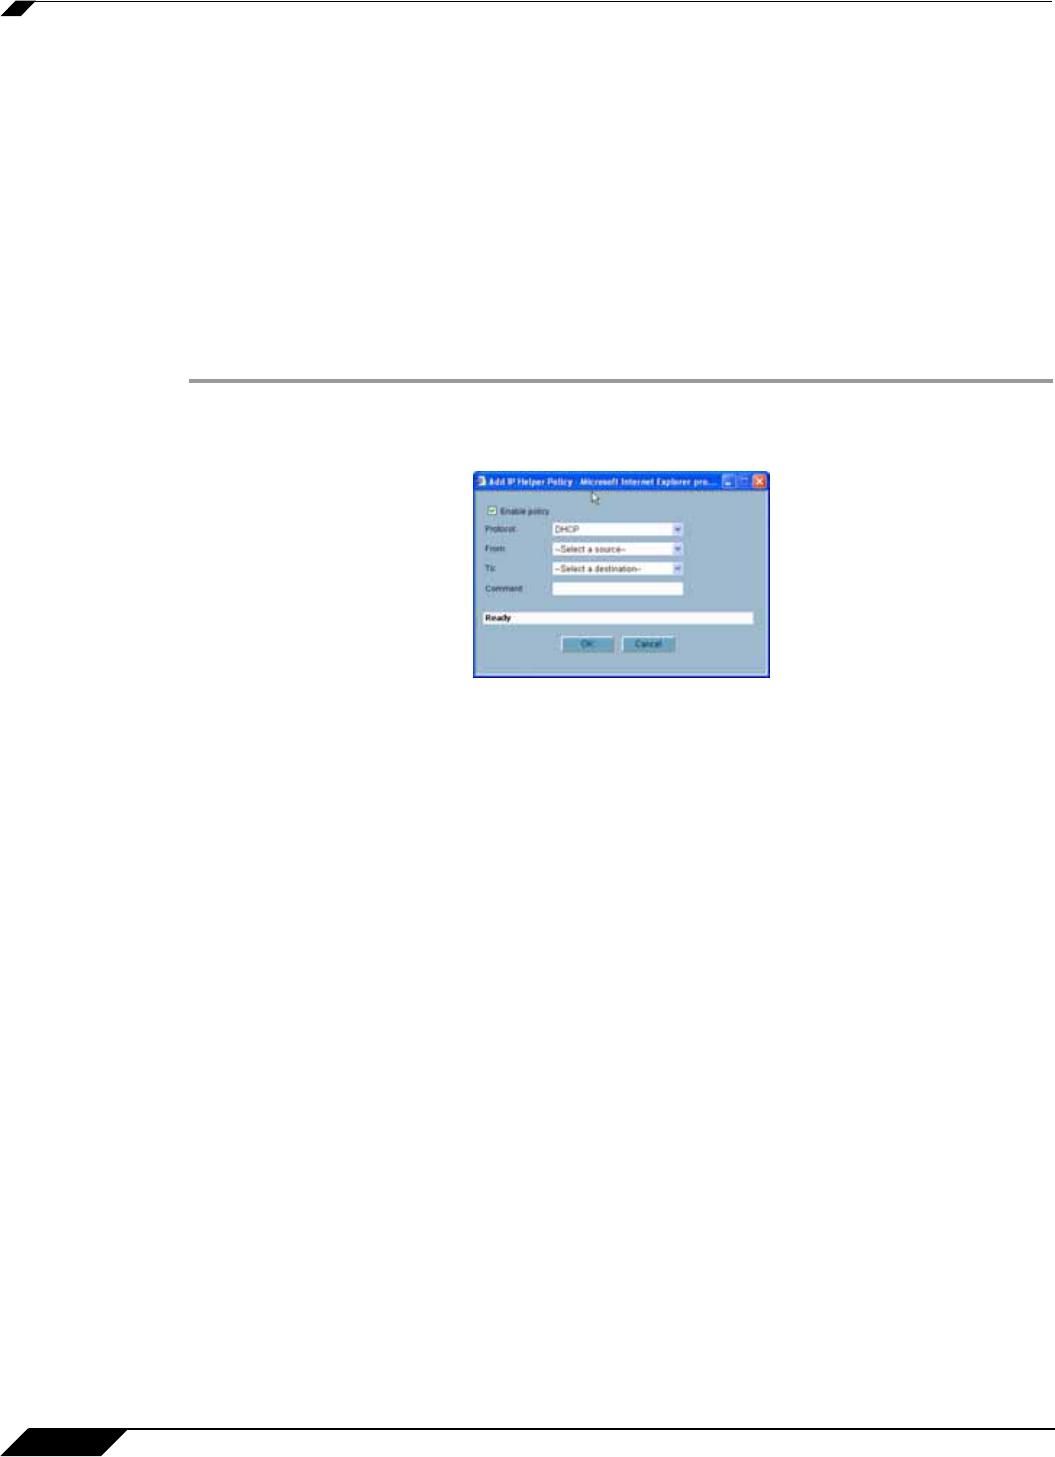 SonicWALL TZ 190 IP Helper Policies , Adding an IP Helper